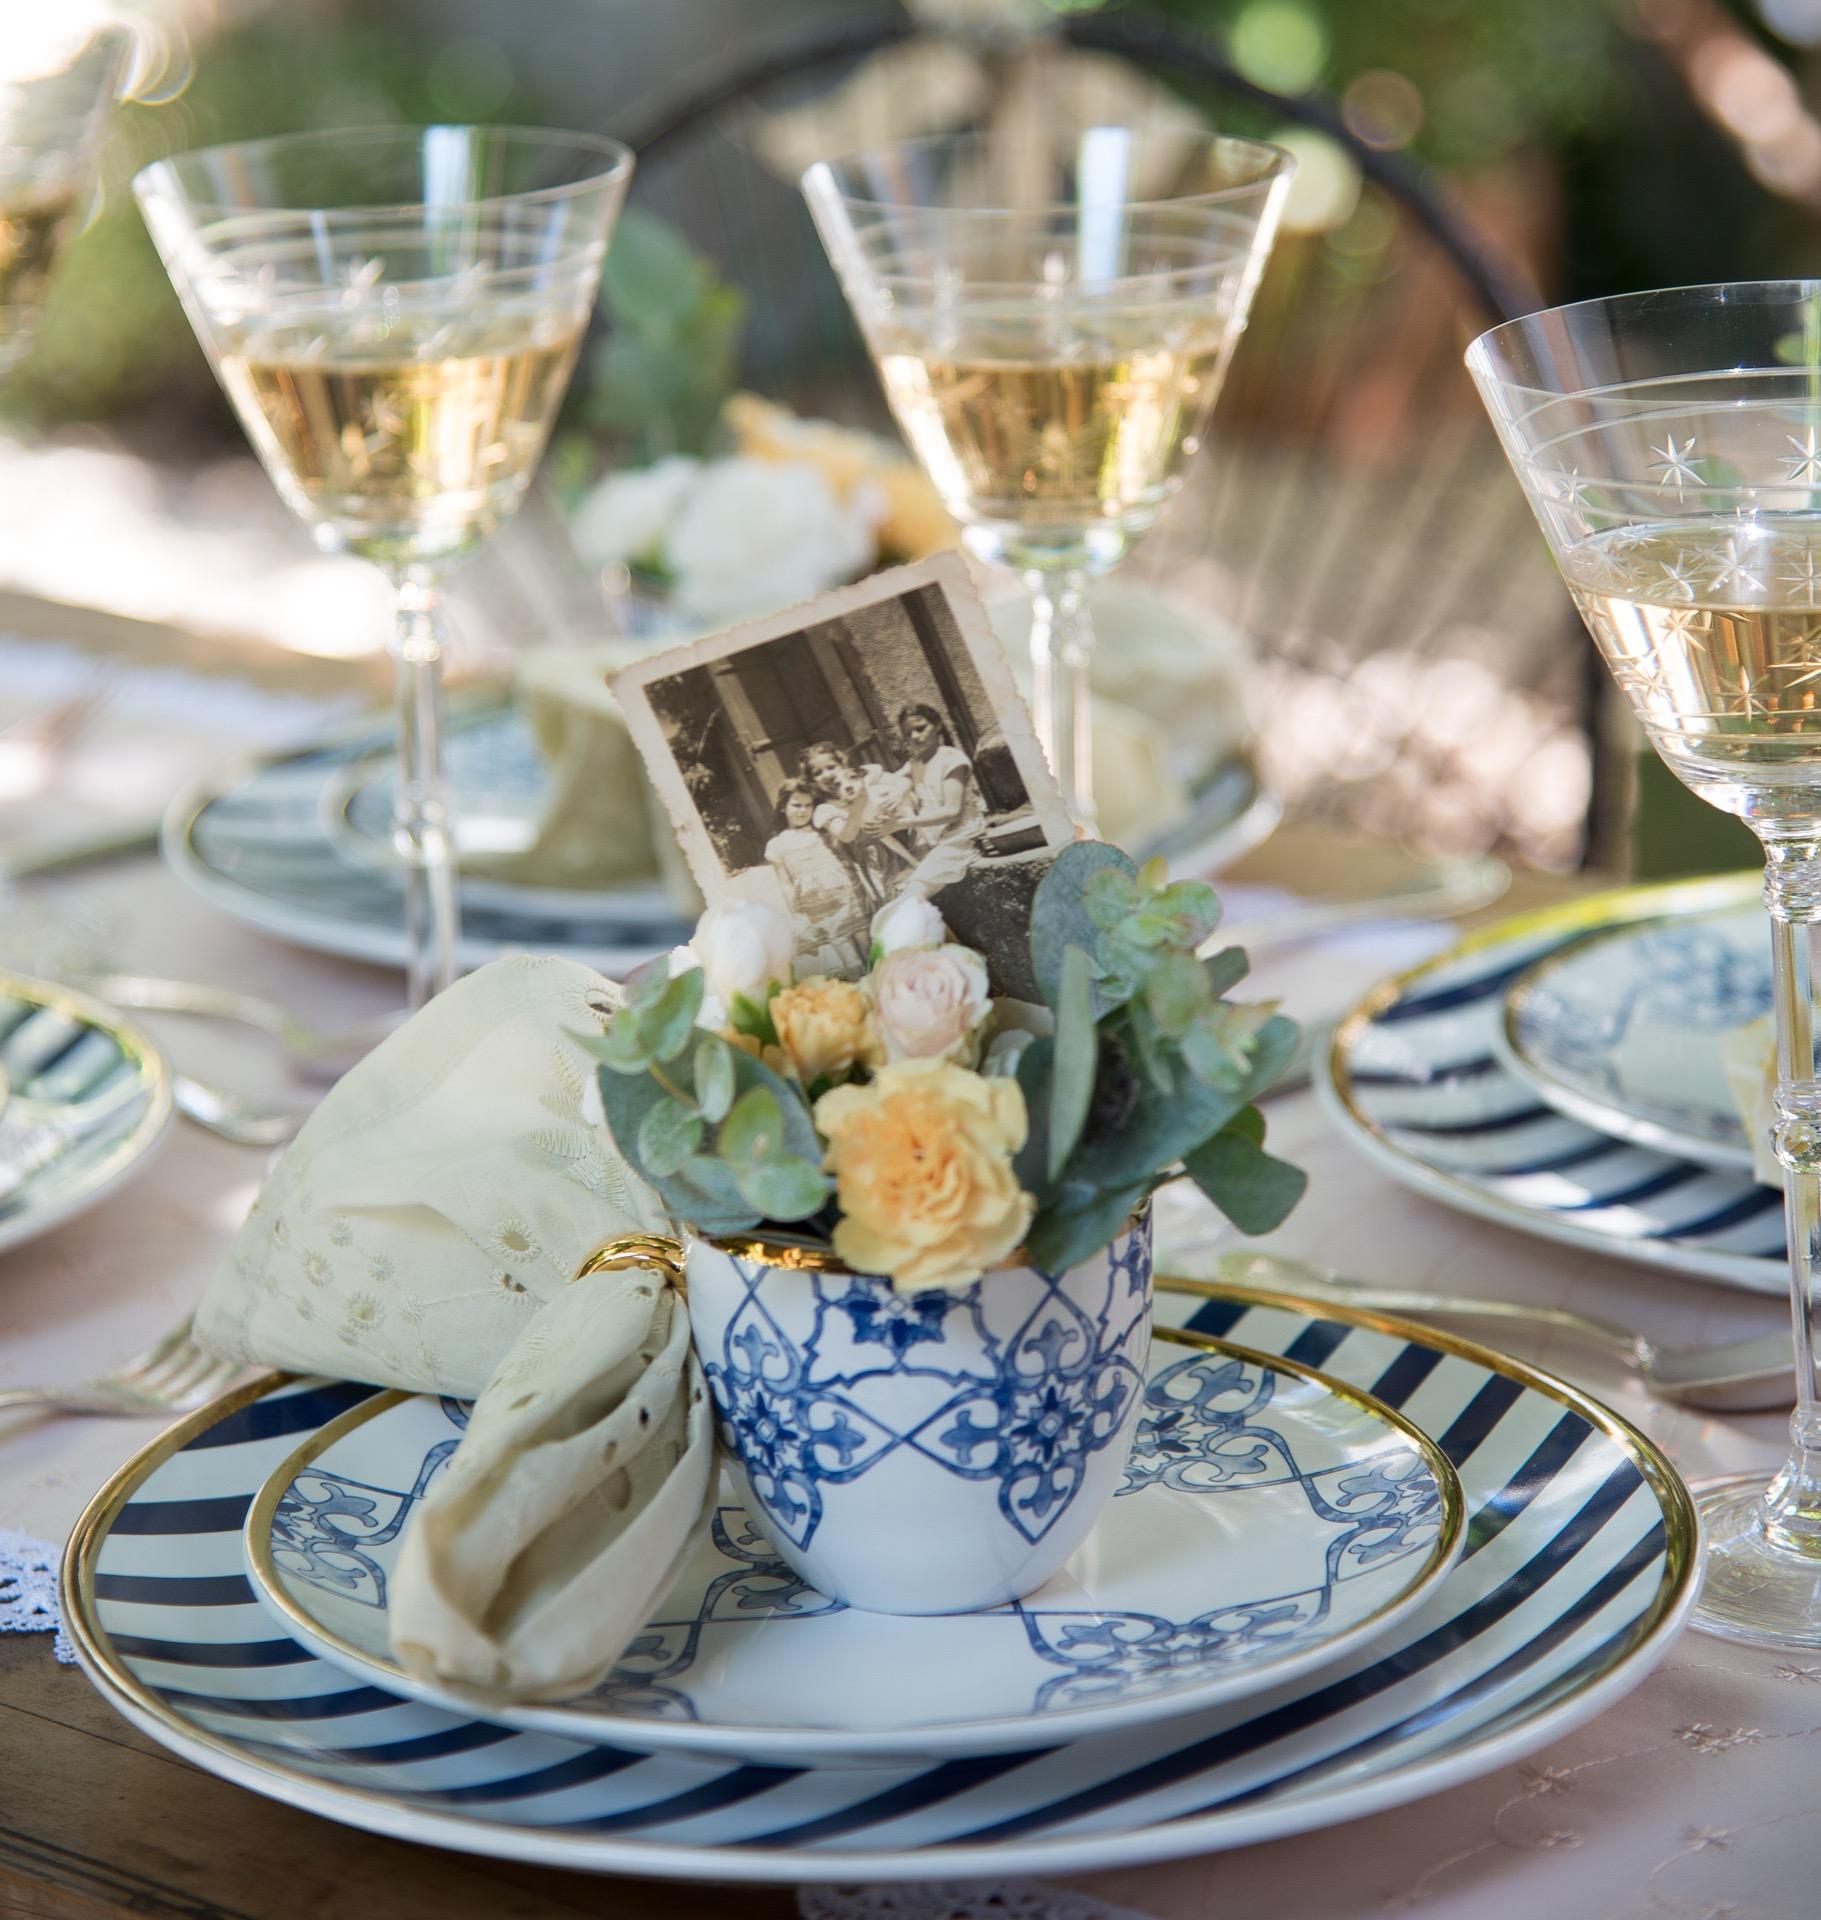 Imagem: Aparelho de jantar Coup Lusitana da Oxford Porcelanas.Guardanapo de lese Fio & Co. Foto: Cacá Bratke.